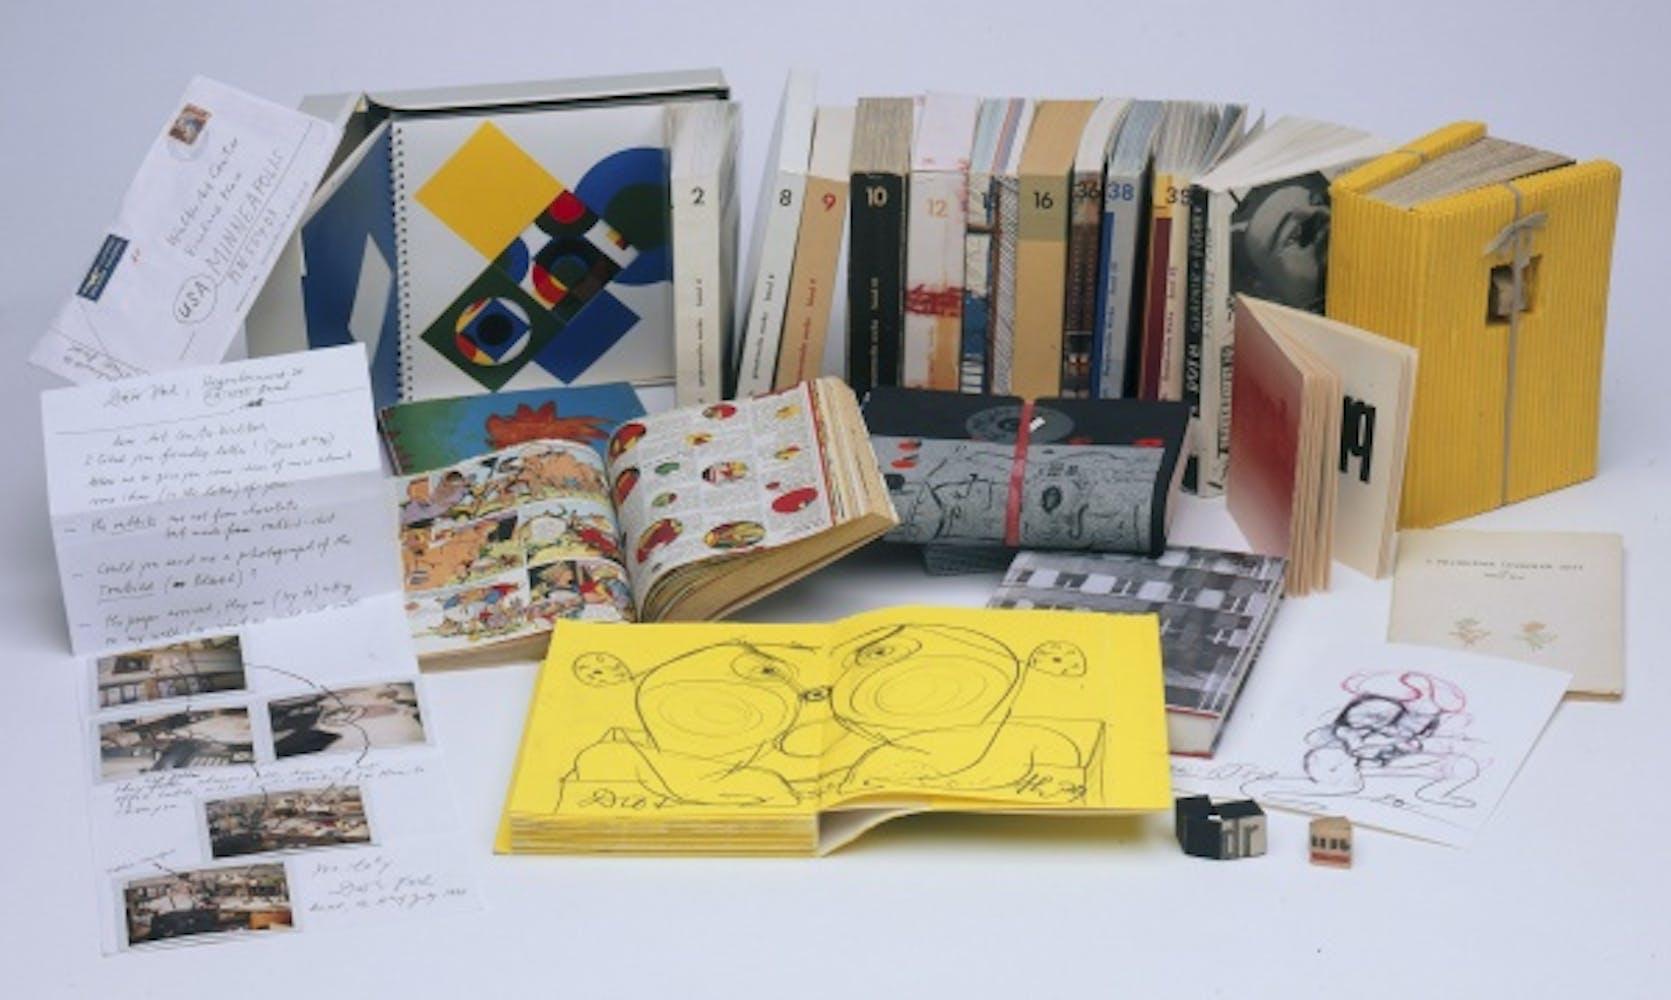 Artist's Books by DieterRoth